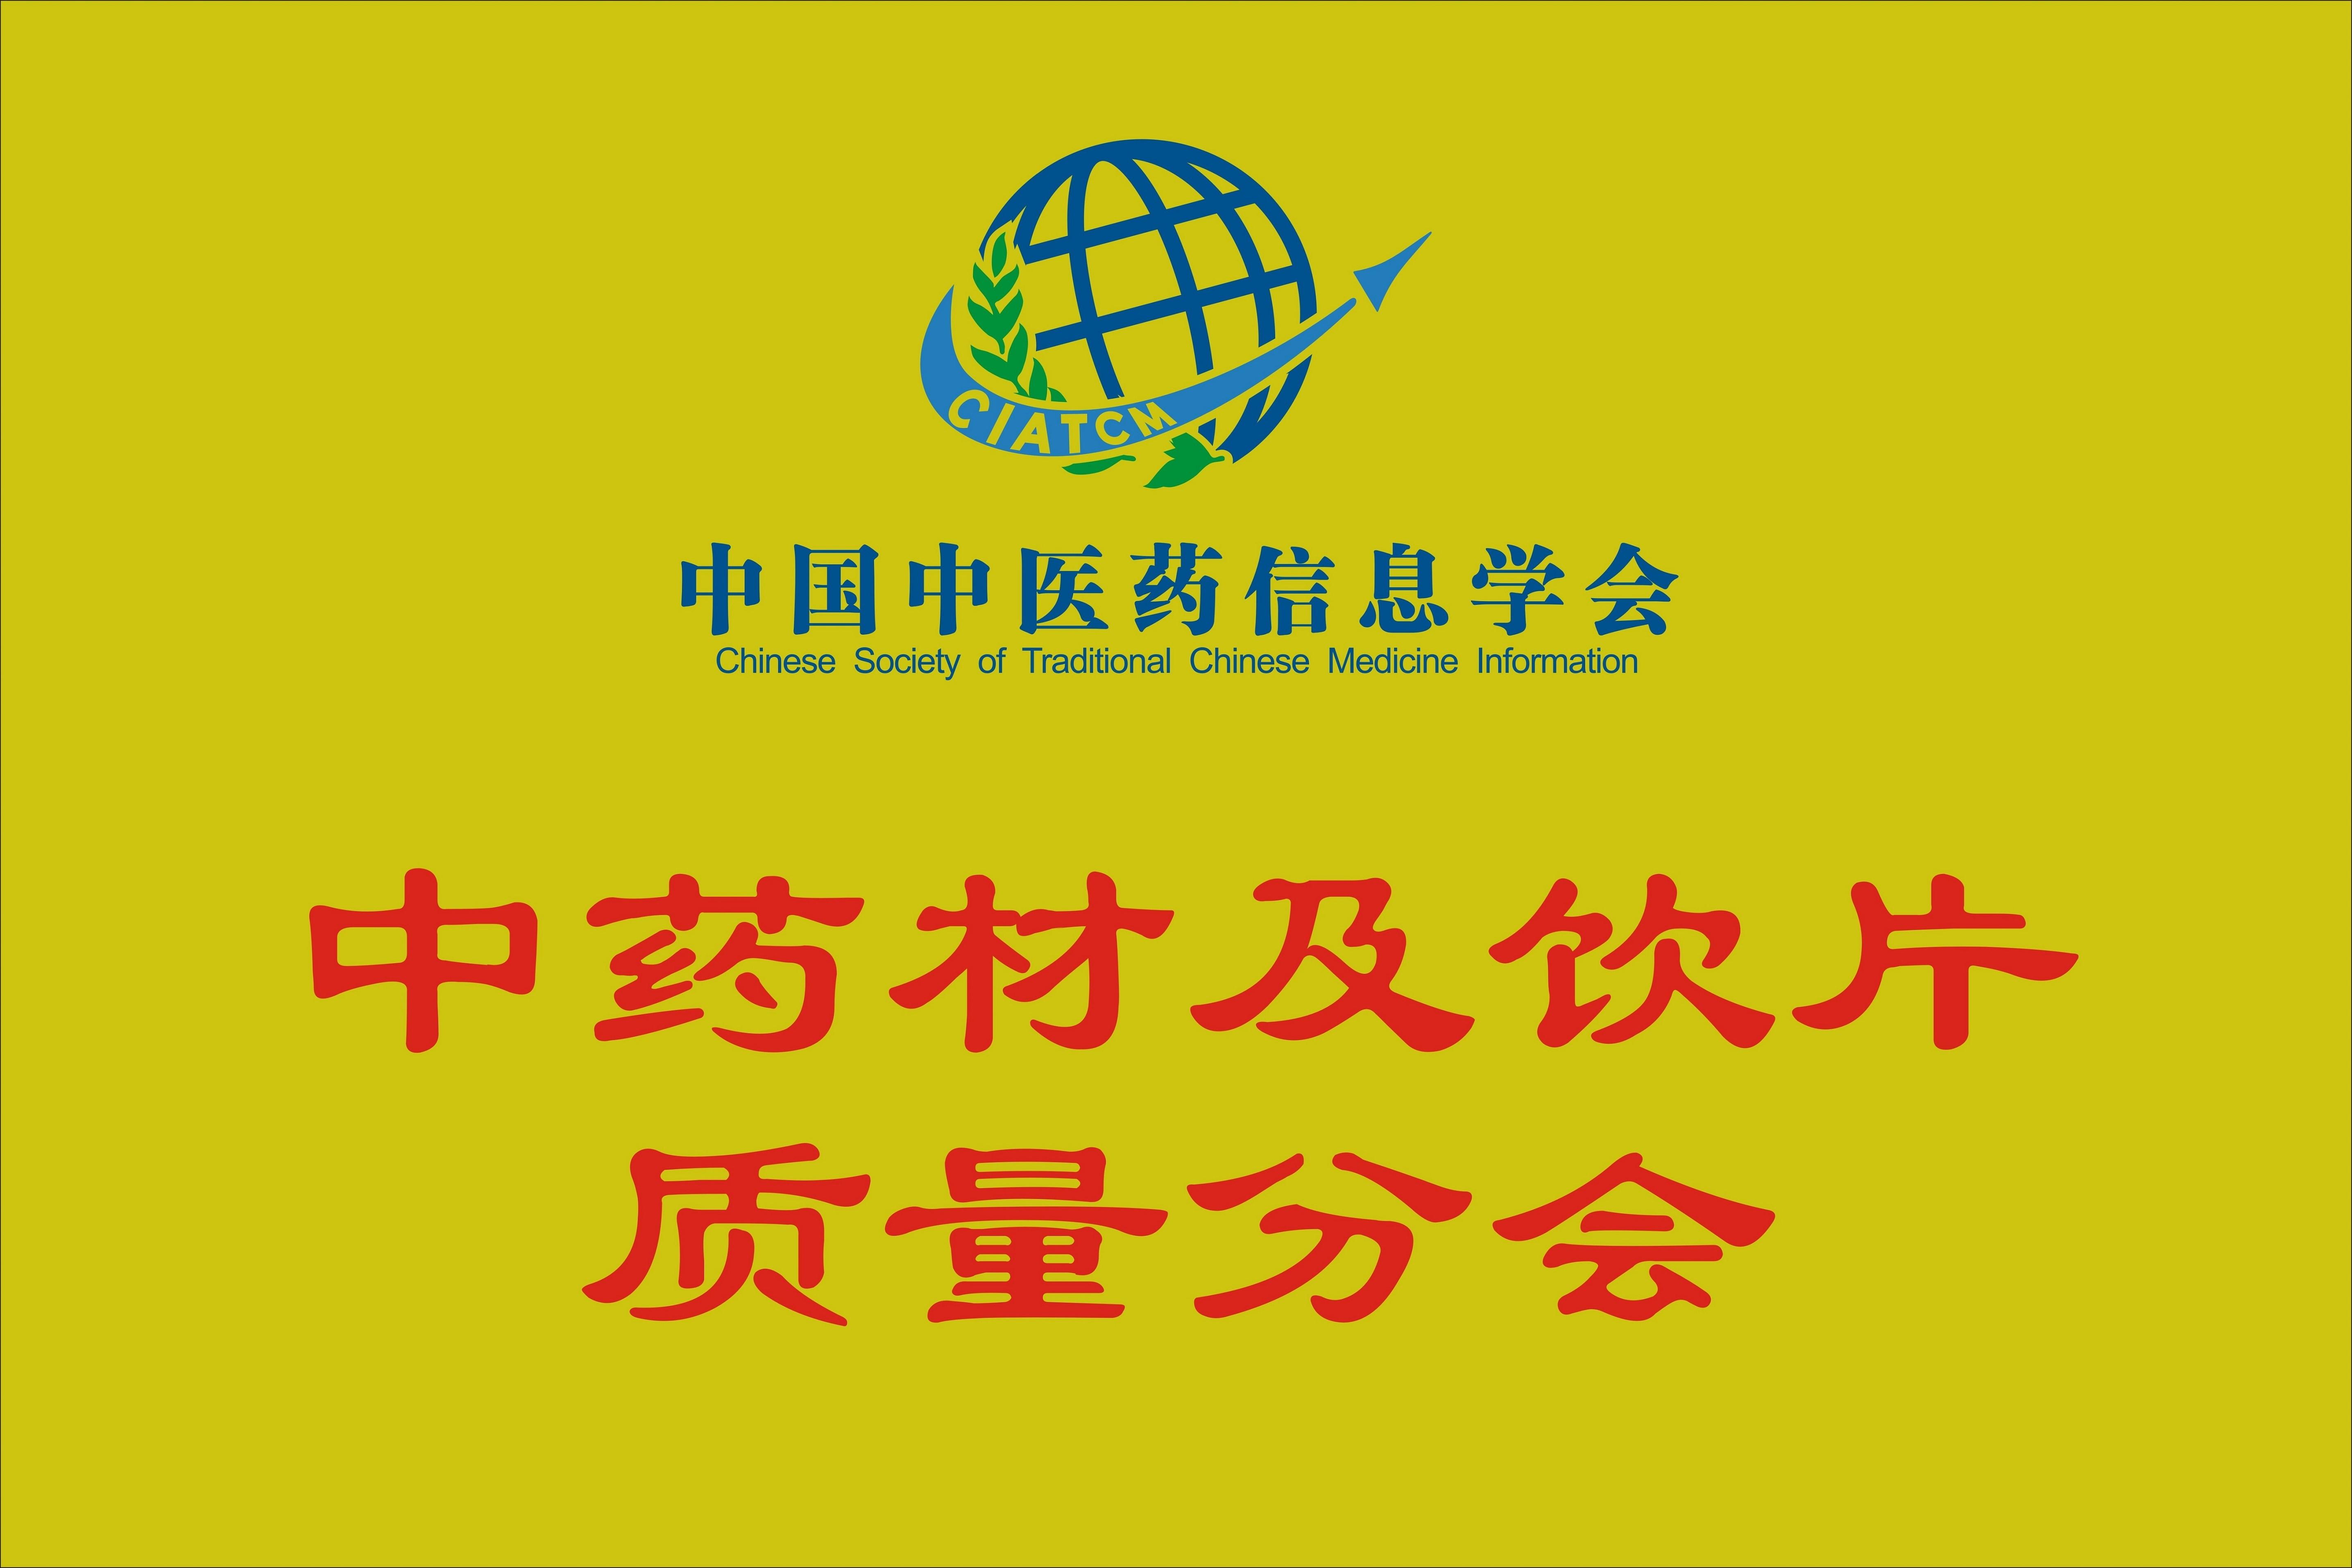 2019全国中药材饮片质量控制暨真伪鉴别实训大会(兰州)